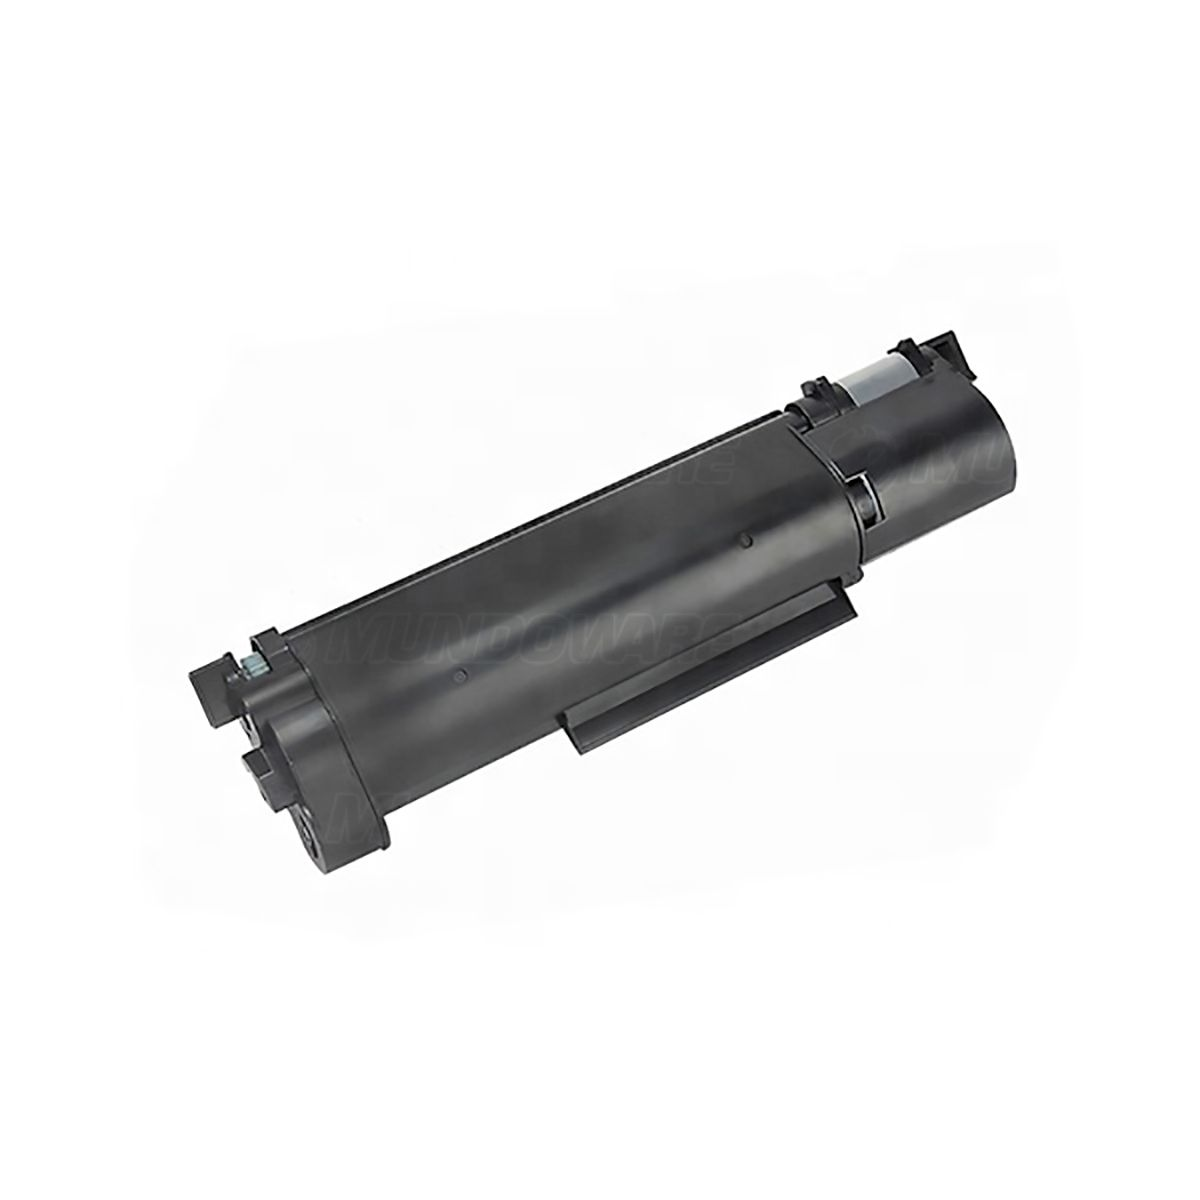 Compatível: Toner TN-B021 para Brother DCP-B7530dn B7500d B7535dw B7520dw HL-B2050dn MFC-B7720dn B7700d / Preto / 2.600